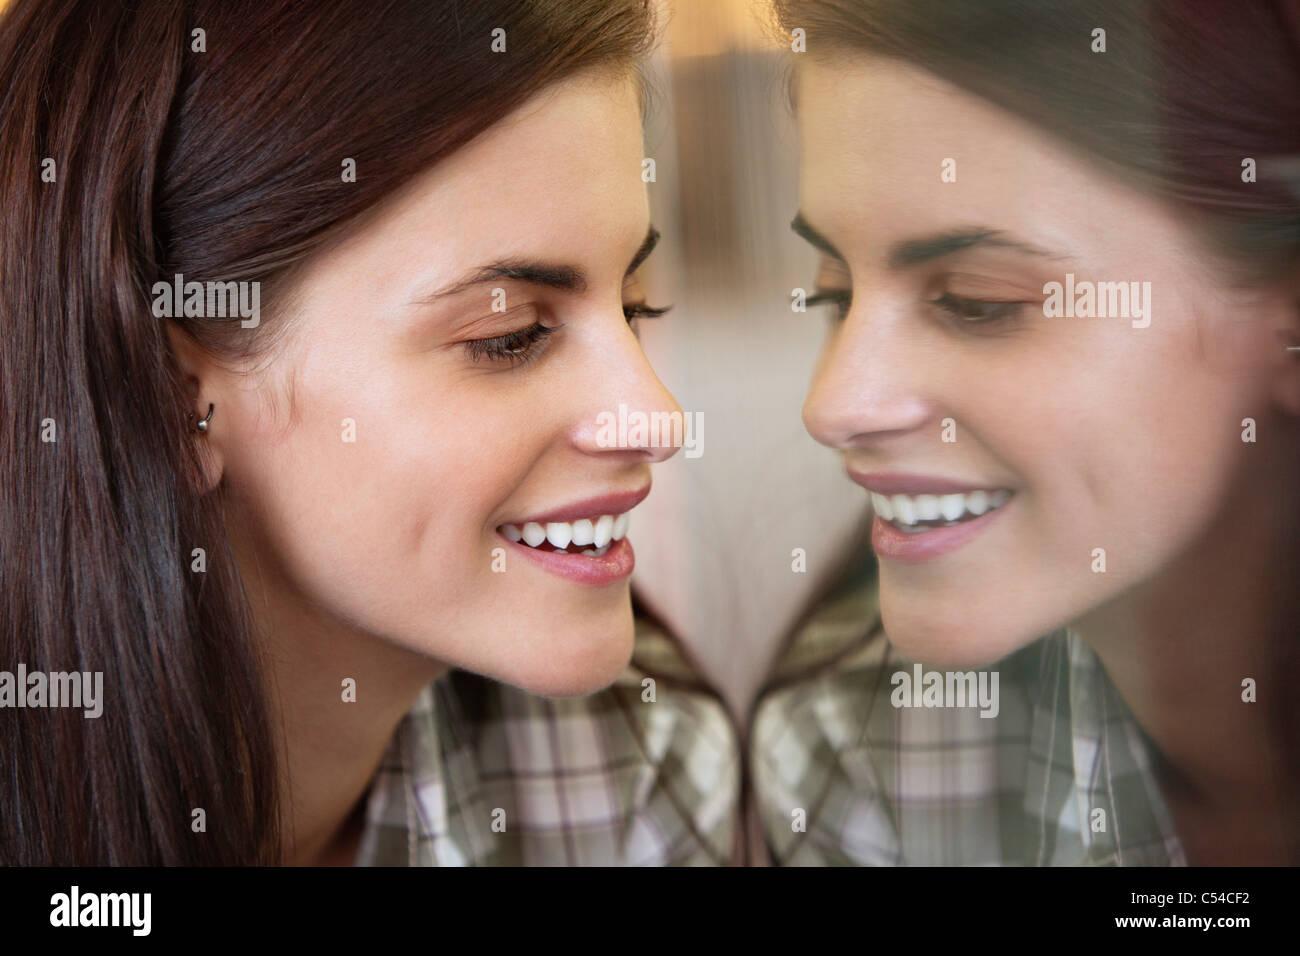 Donna sorridente guardando la propria immagine riflessa nello specchio Immagini Stock